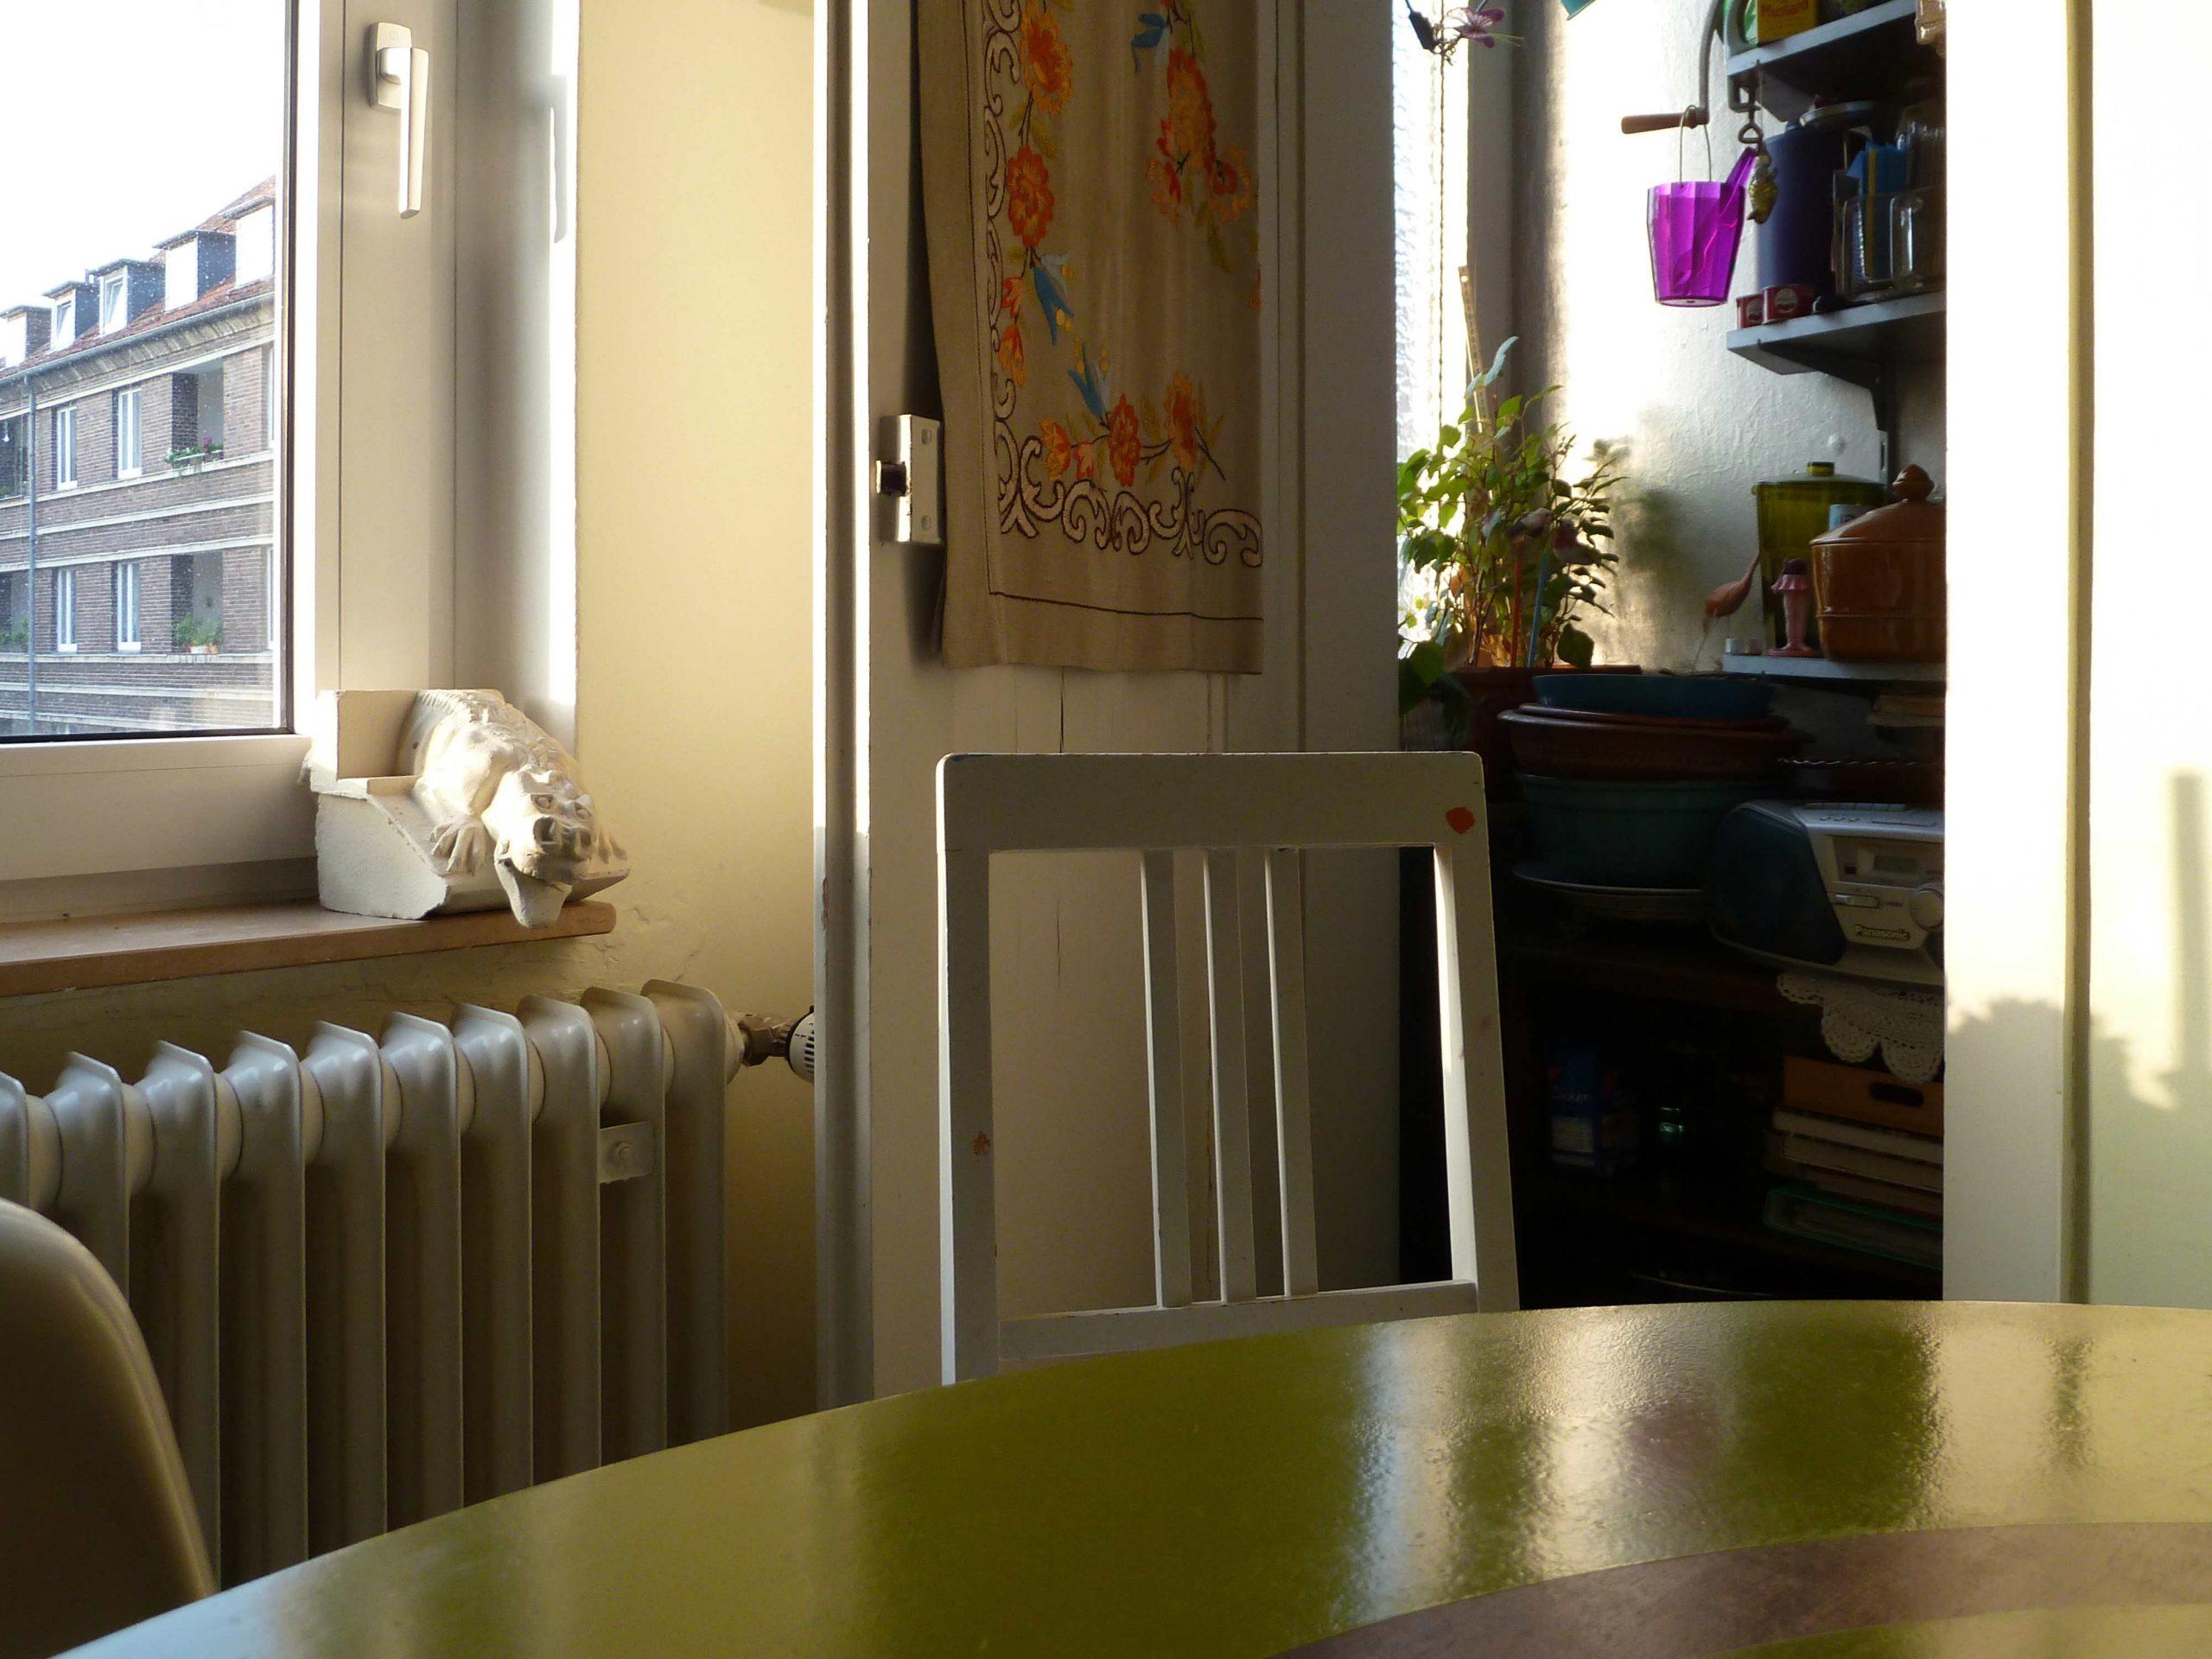 Küchenphilosophie Einblick in die Speisekammer über den Tisch